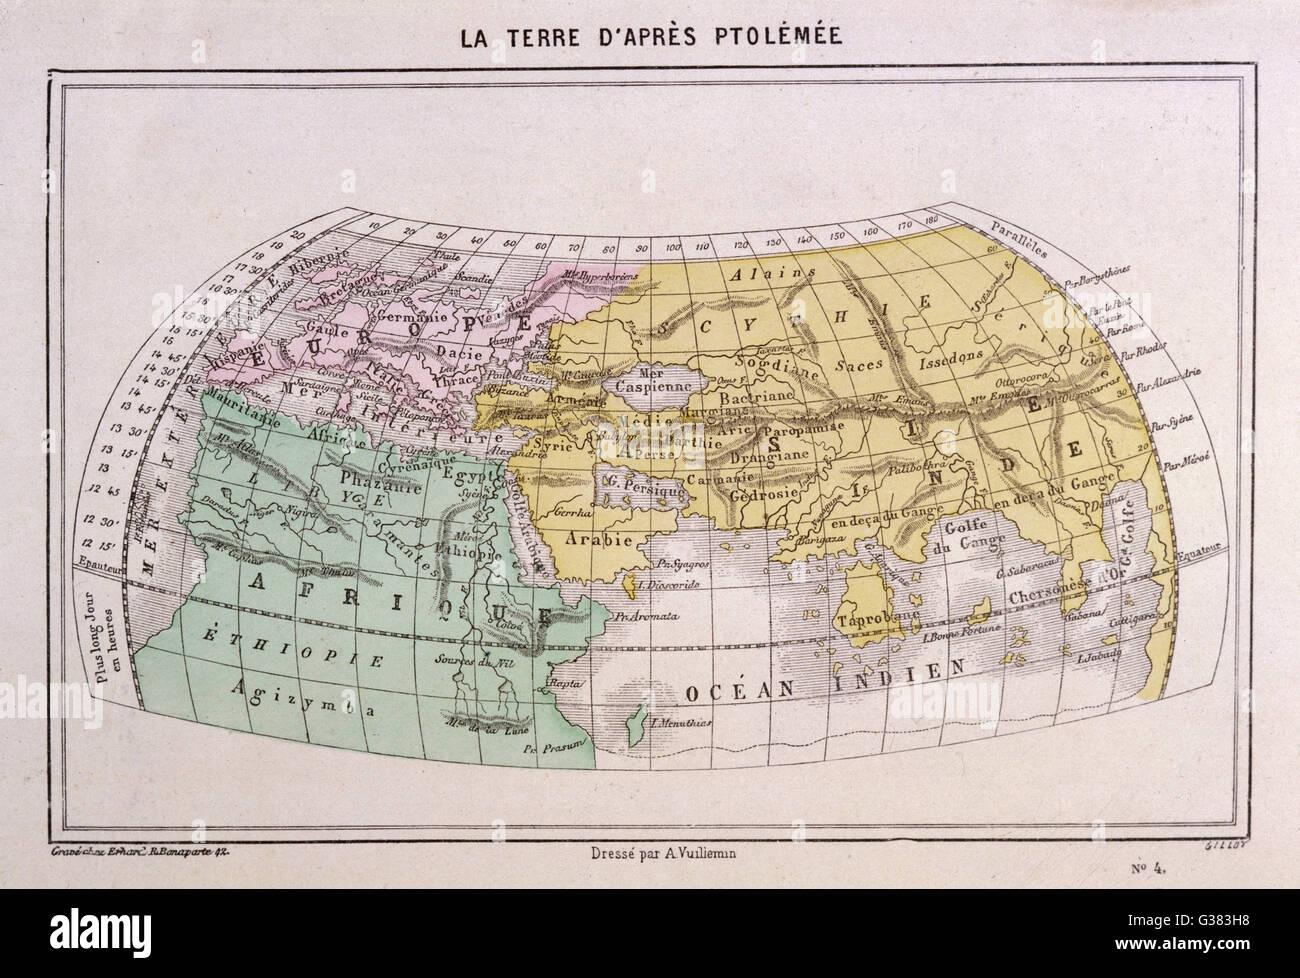 Le monde, tel que vu par Ptolémée. Date: 2ème siècle AD Photo Stock